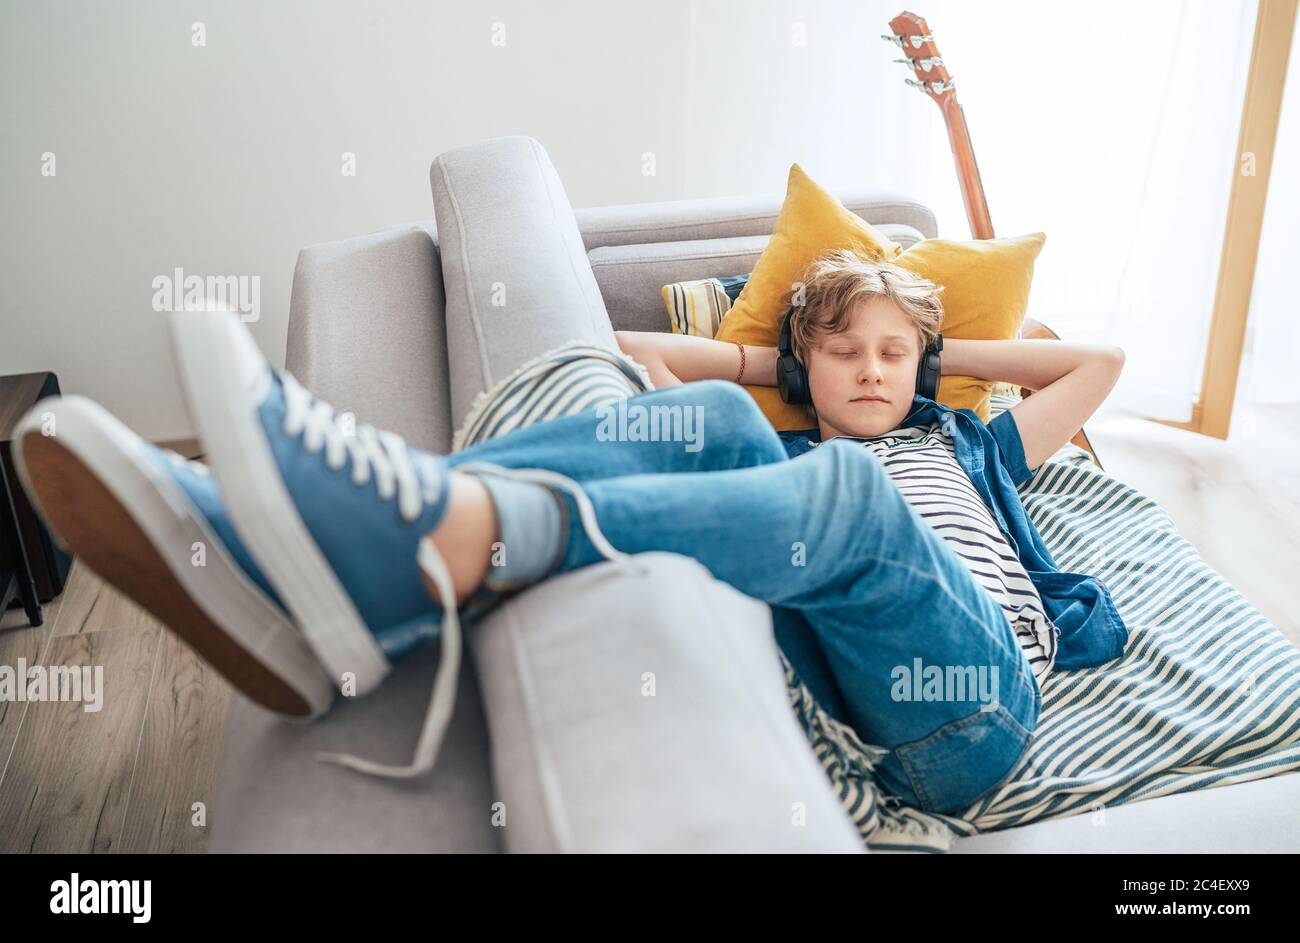 Schlafender Teenager Junge im Wohnzimmer mit Sonnenlicht auf dem gemütlichen Sofa gekleidet lässig Jeans und Turnschuhe, Musik zu hören Stockfoto